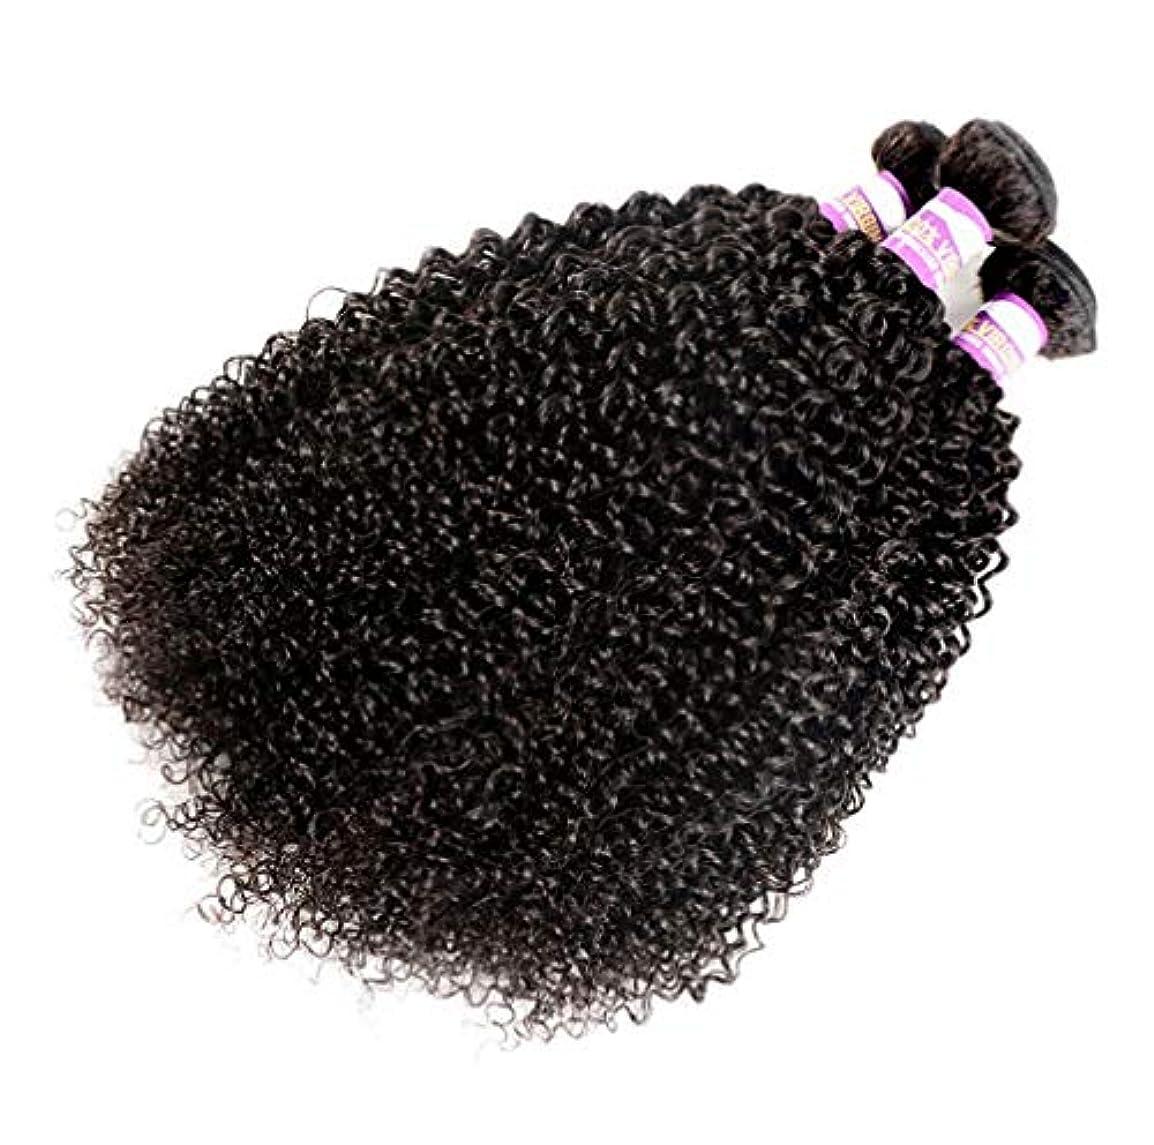 増幅器言うまでもなく吸収剤女性の深い波ブラジルの人間の髪織りカーリーバージン髪横糸未処理ブラジル毛延長自然色(3バンドル)